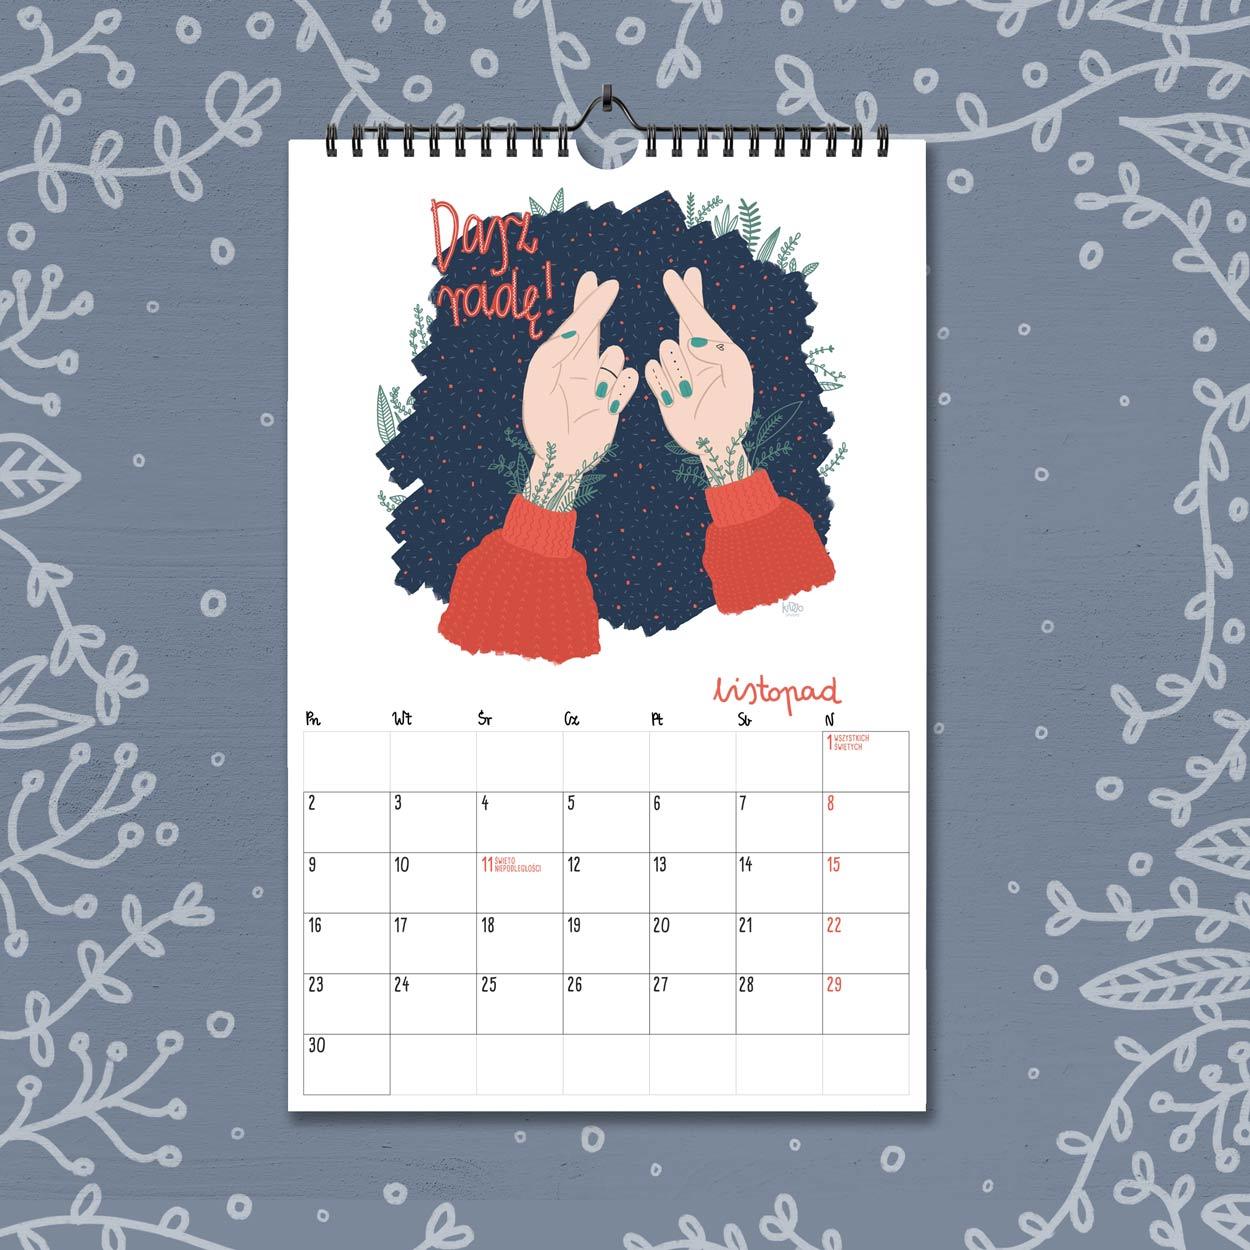 kalendarz 2020 listopad